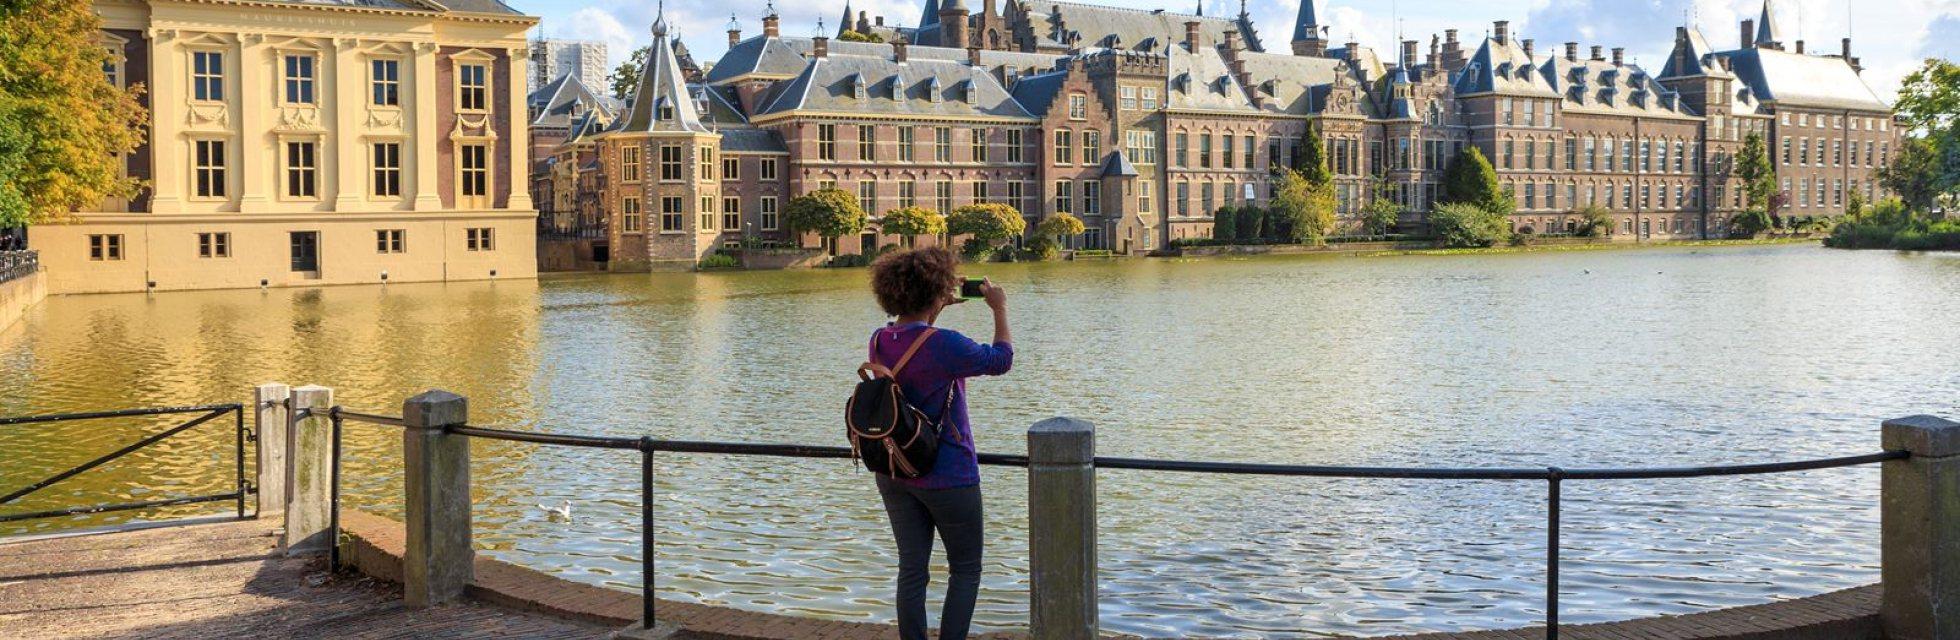 Wetter In Den Haag